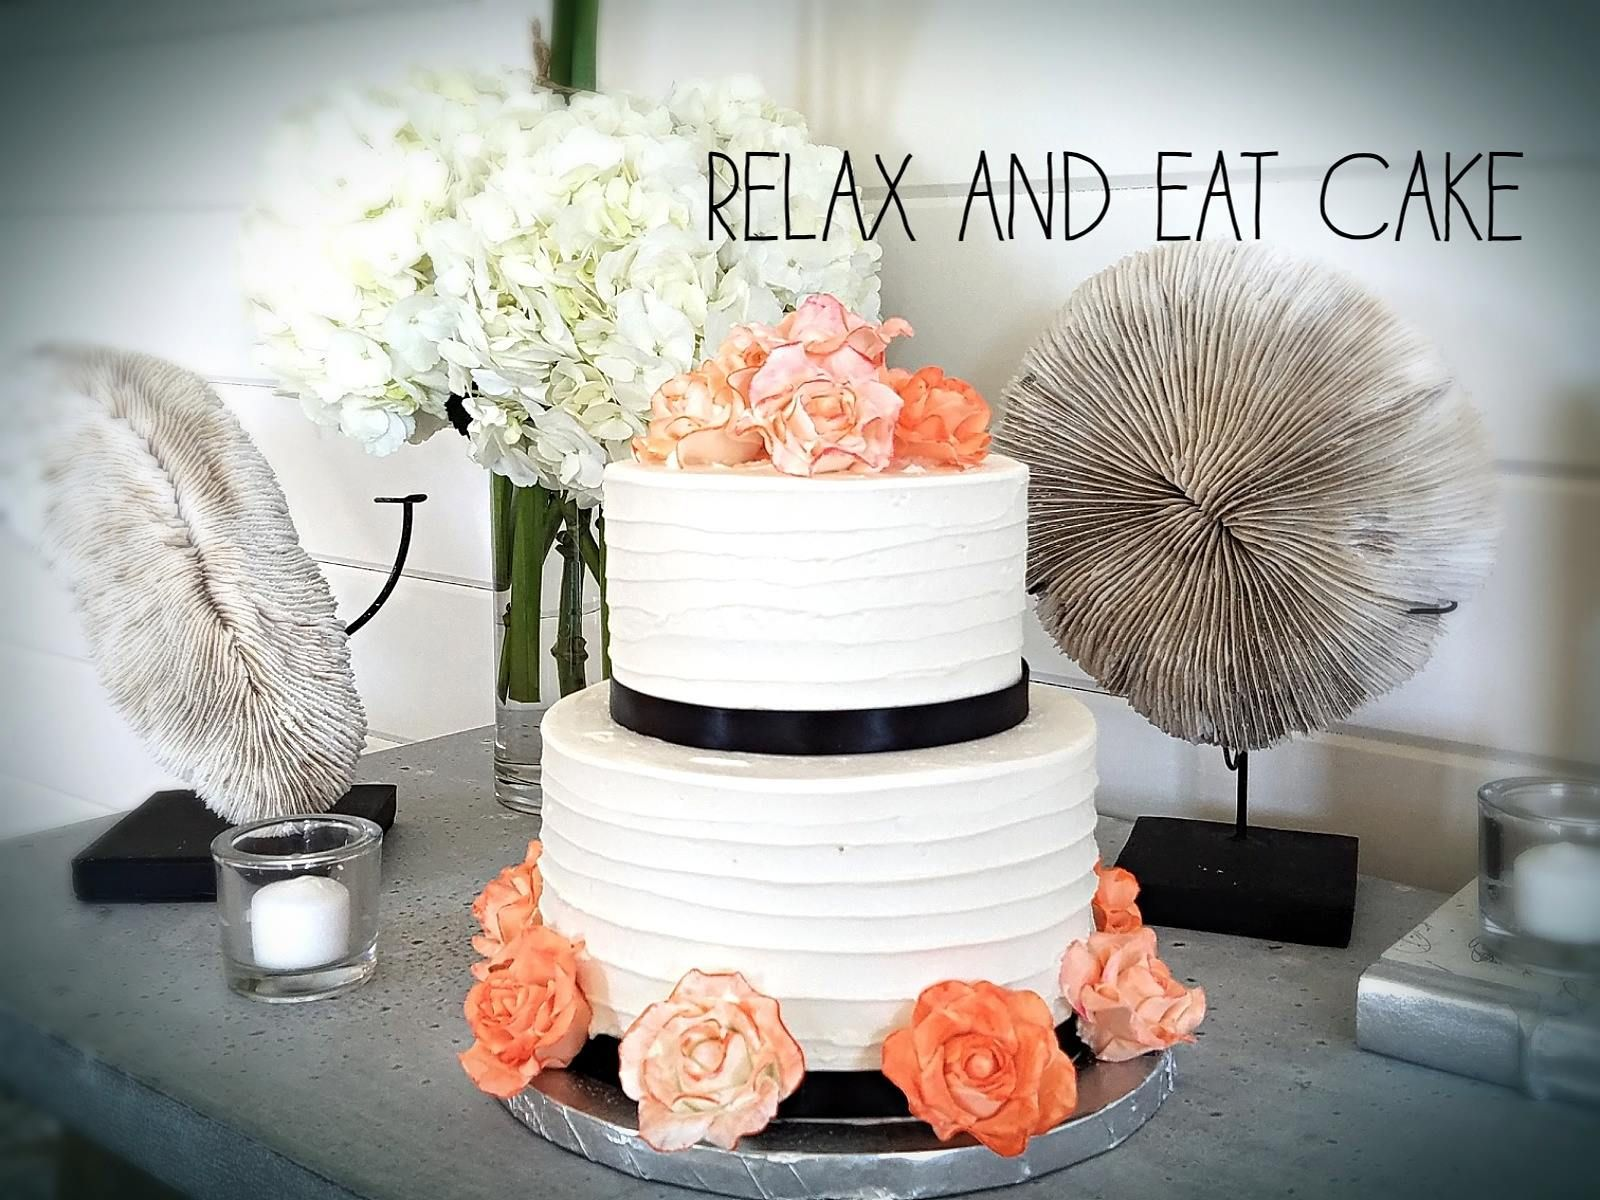 www.relaxandeatcake.com